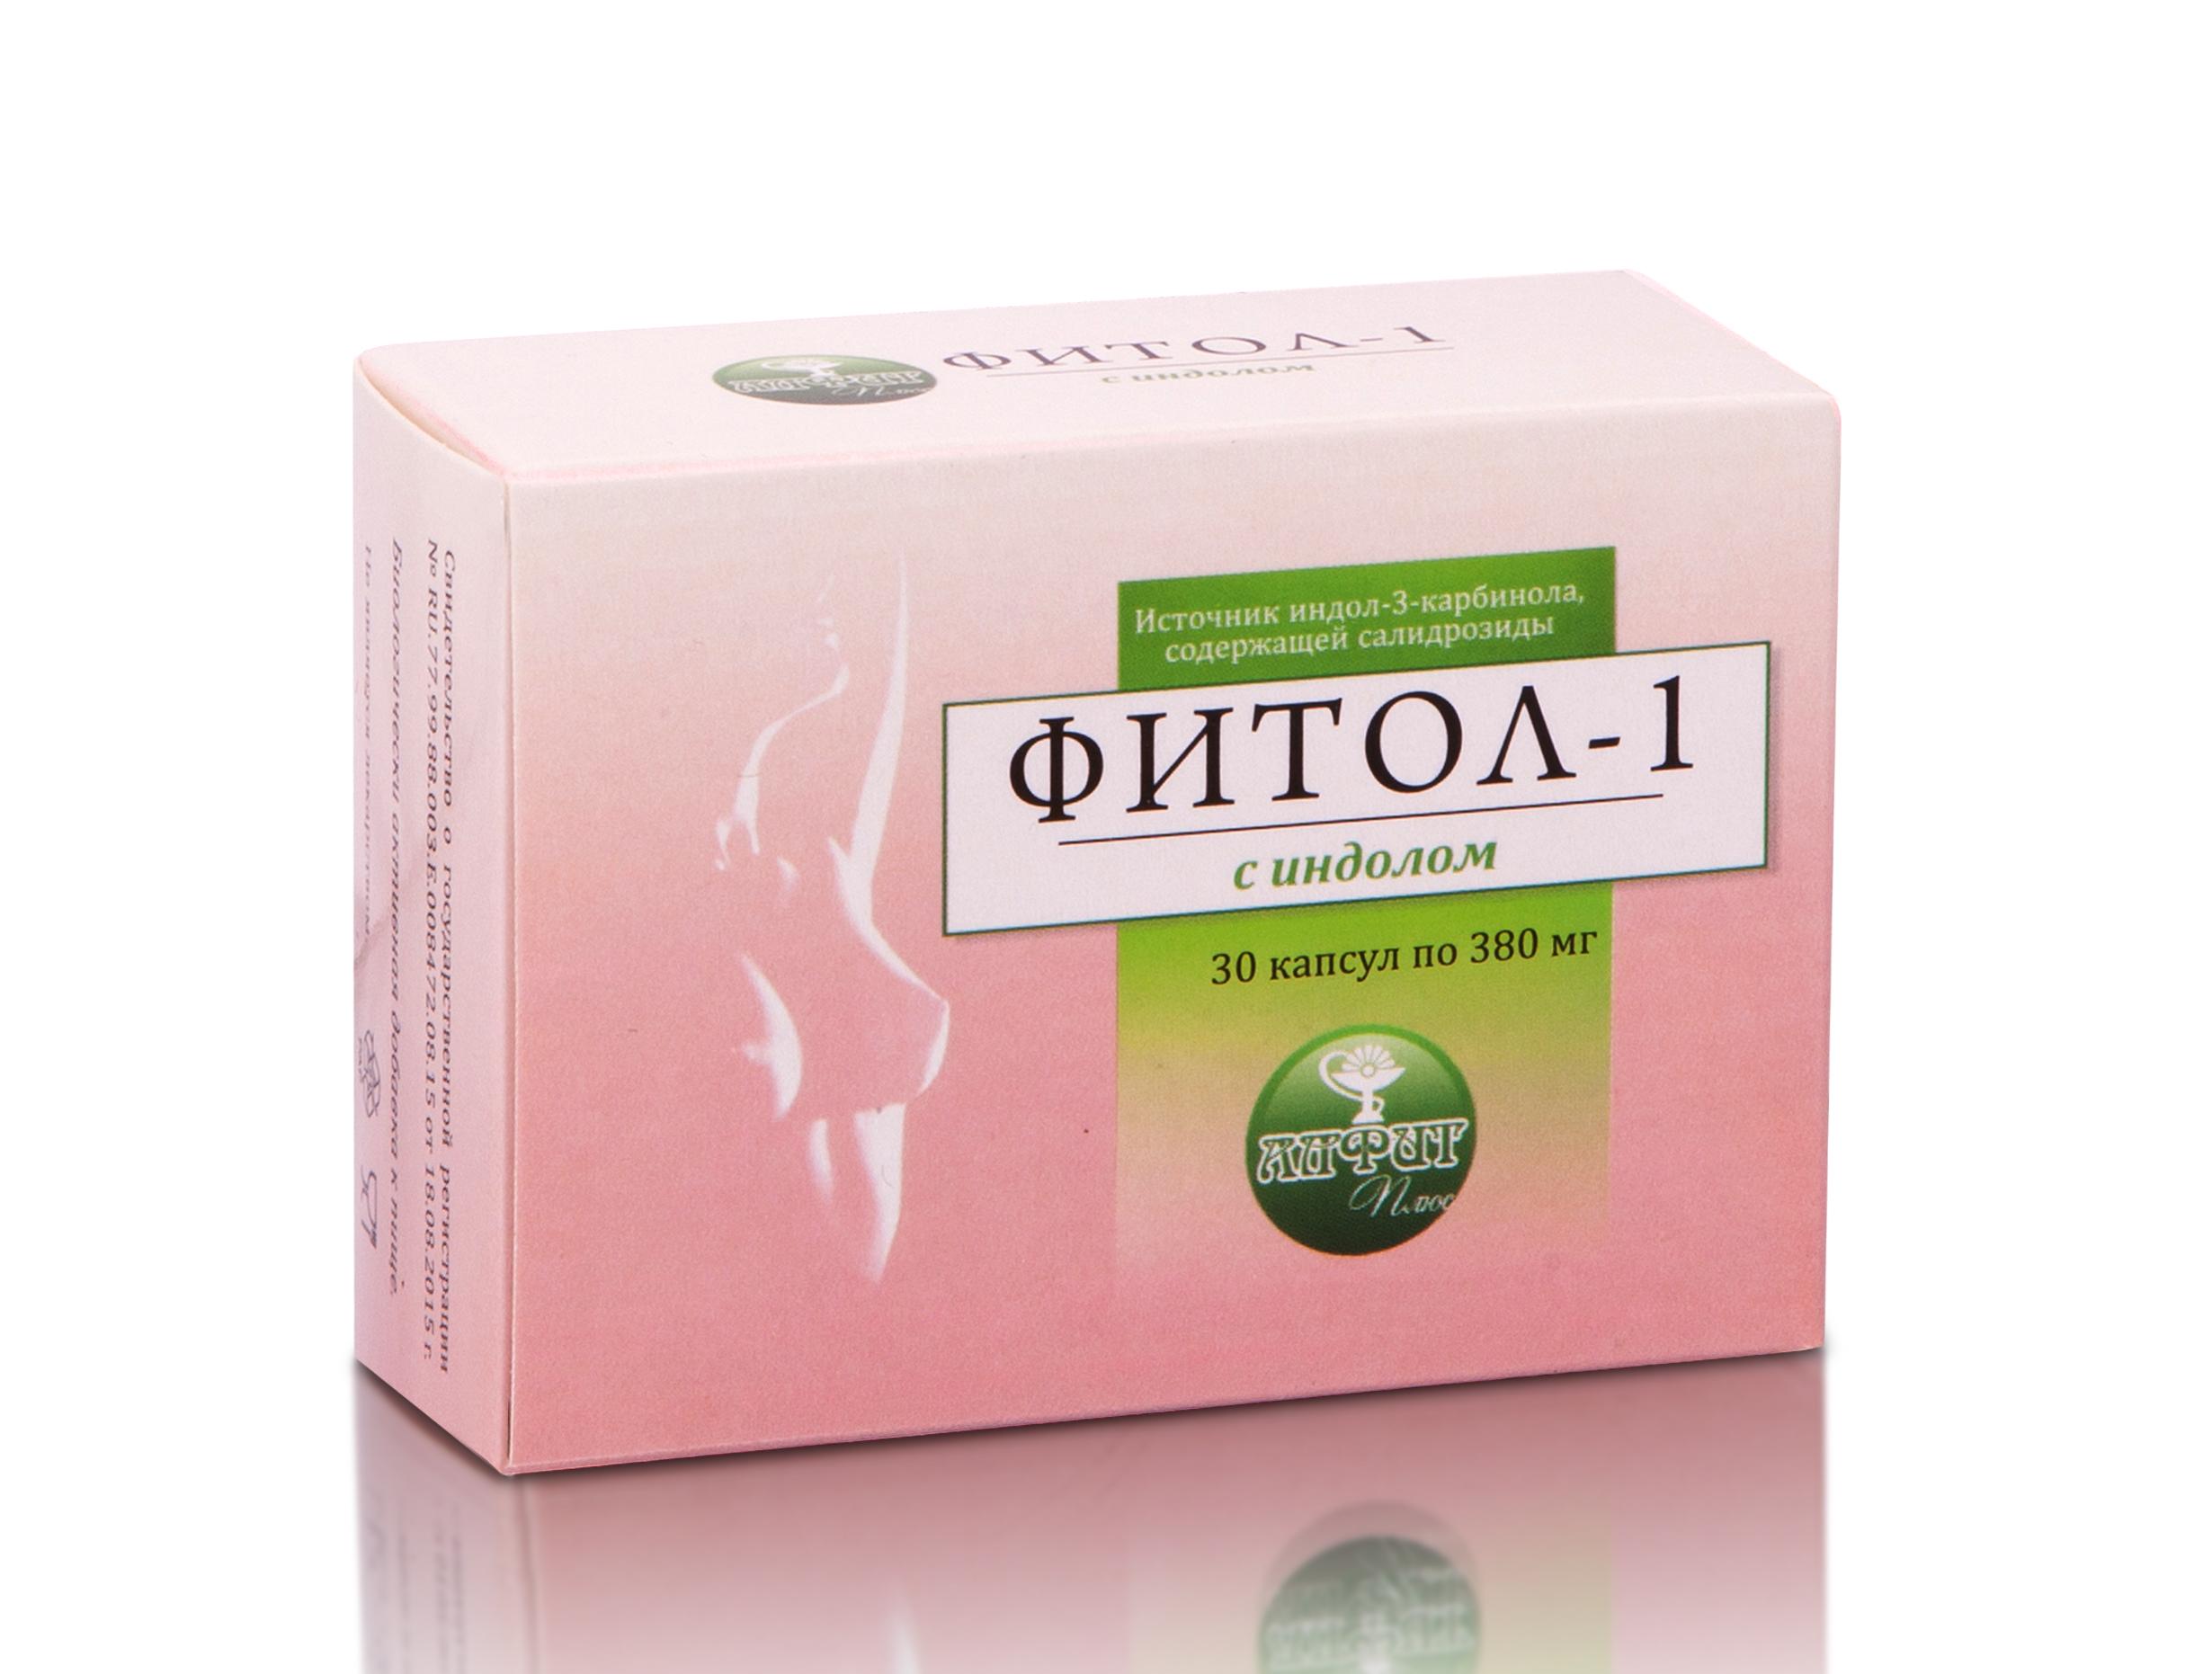 Крем фитол-1 мастопатийный отзывы